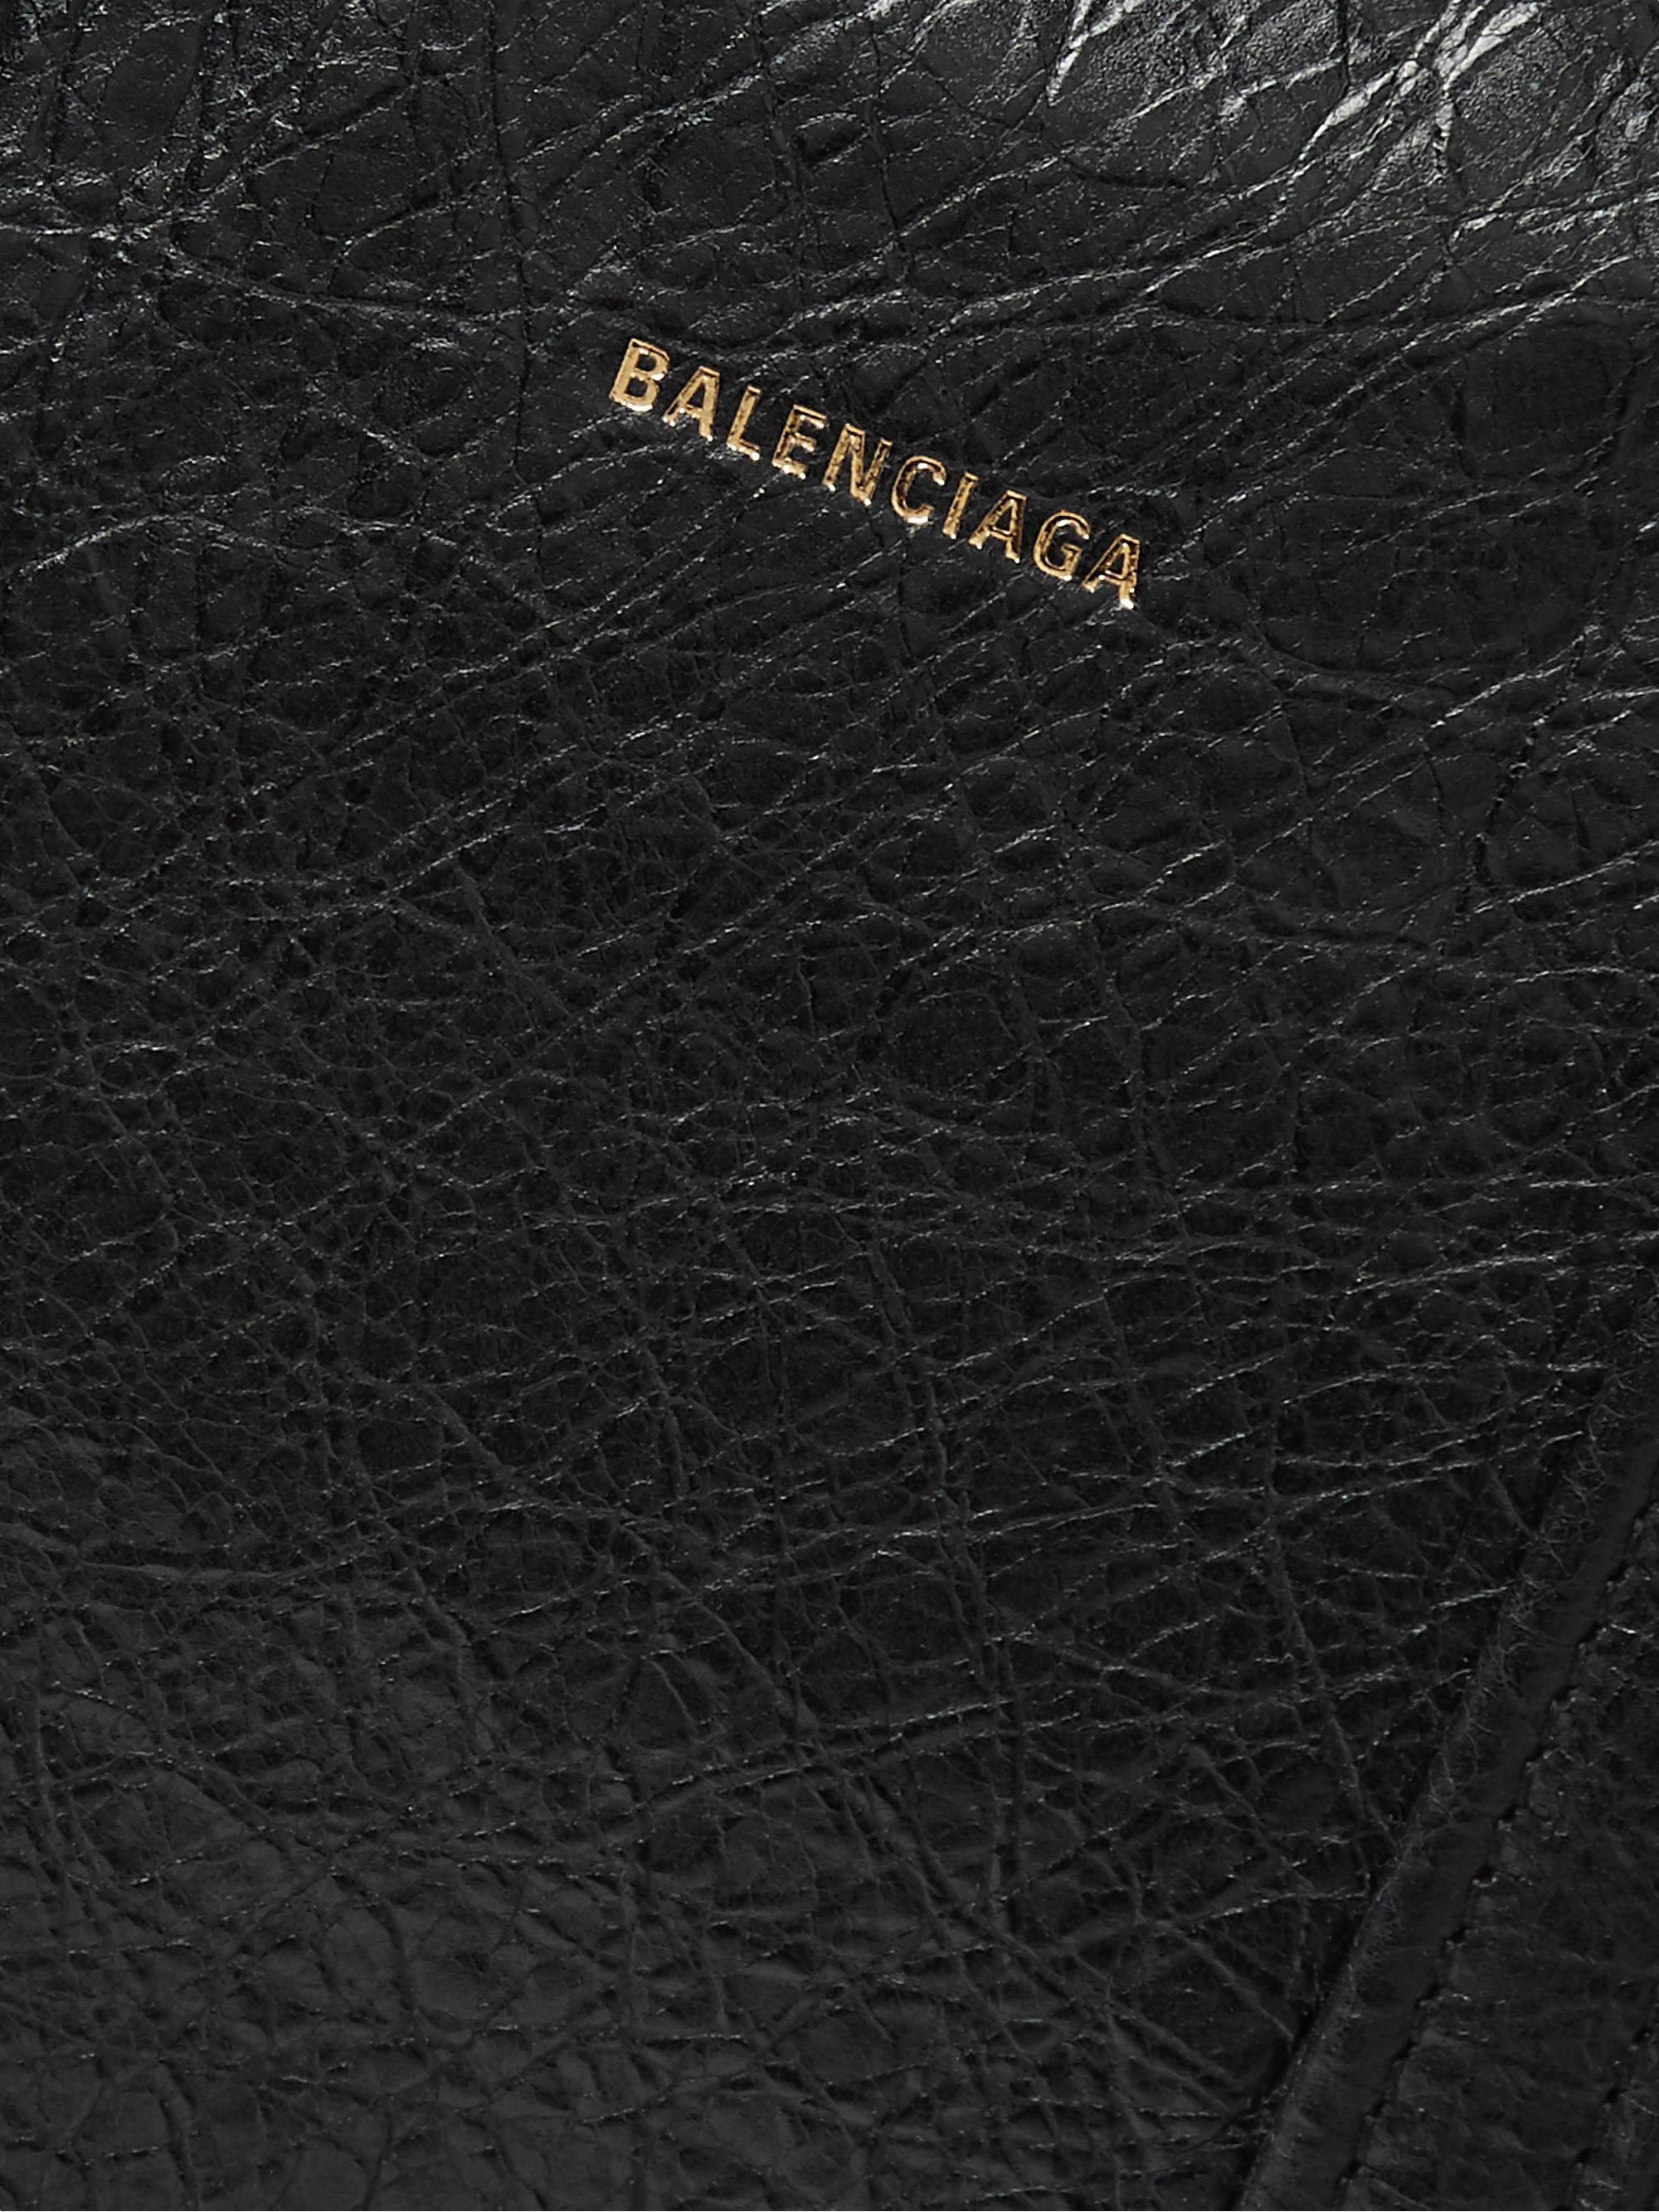 Black Creased-leather Tote Bag | Balenciaga